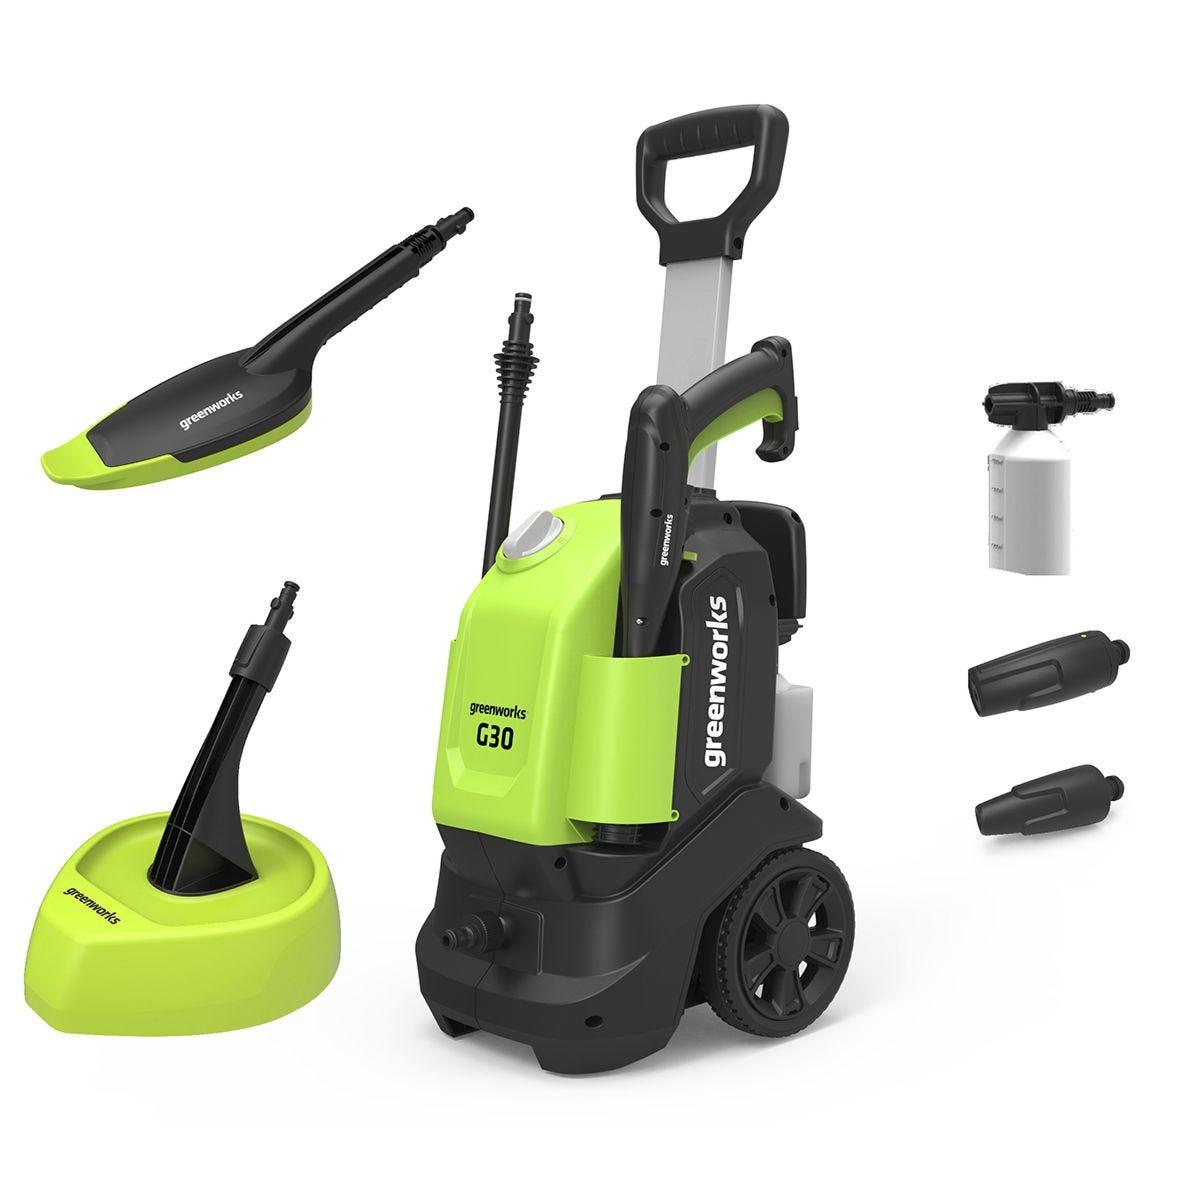 Greenworks G30 Home & Garden Electric Pressure  Washer